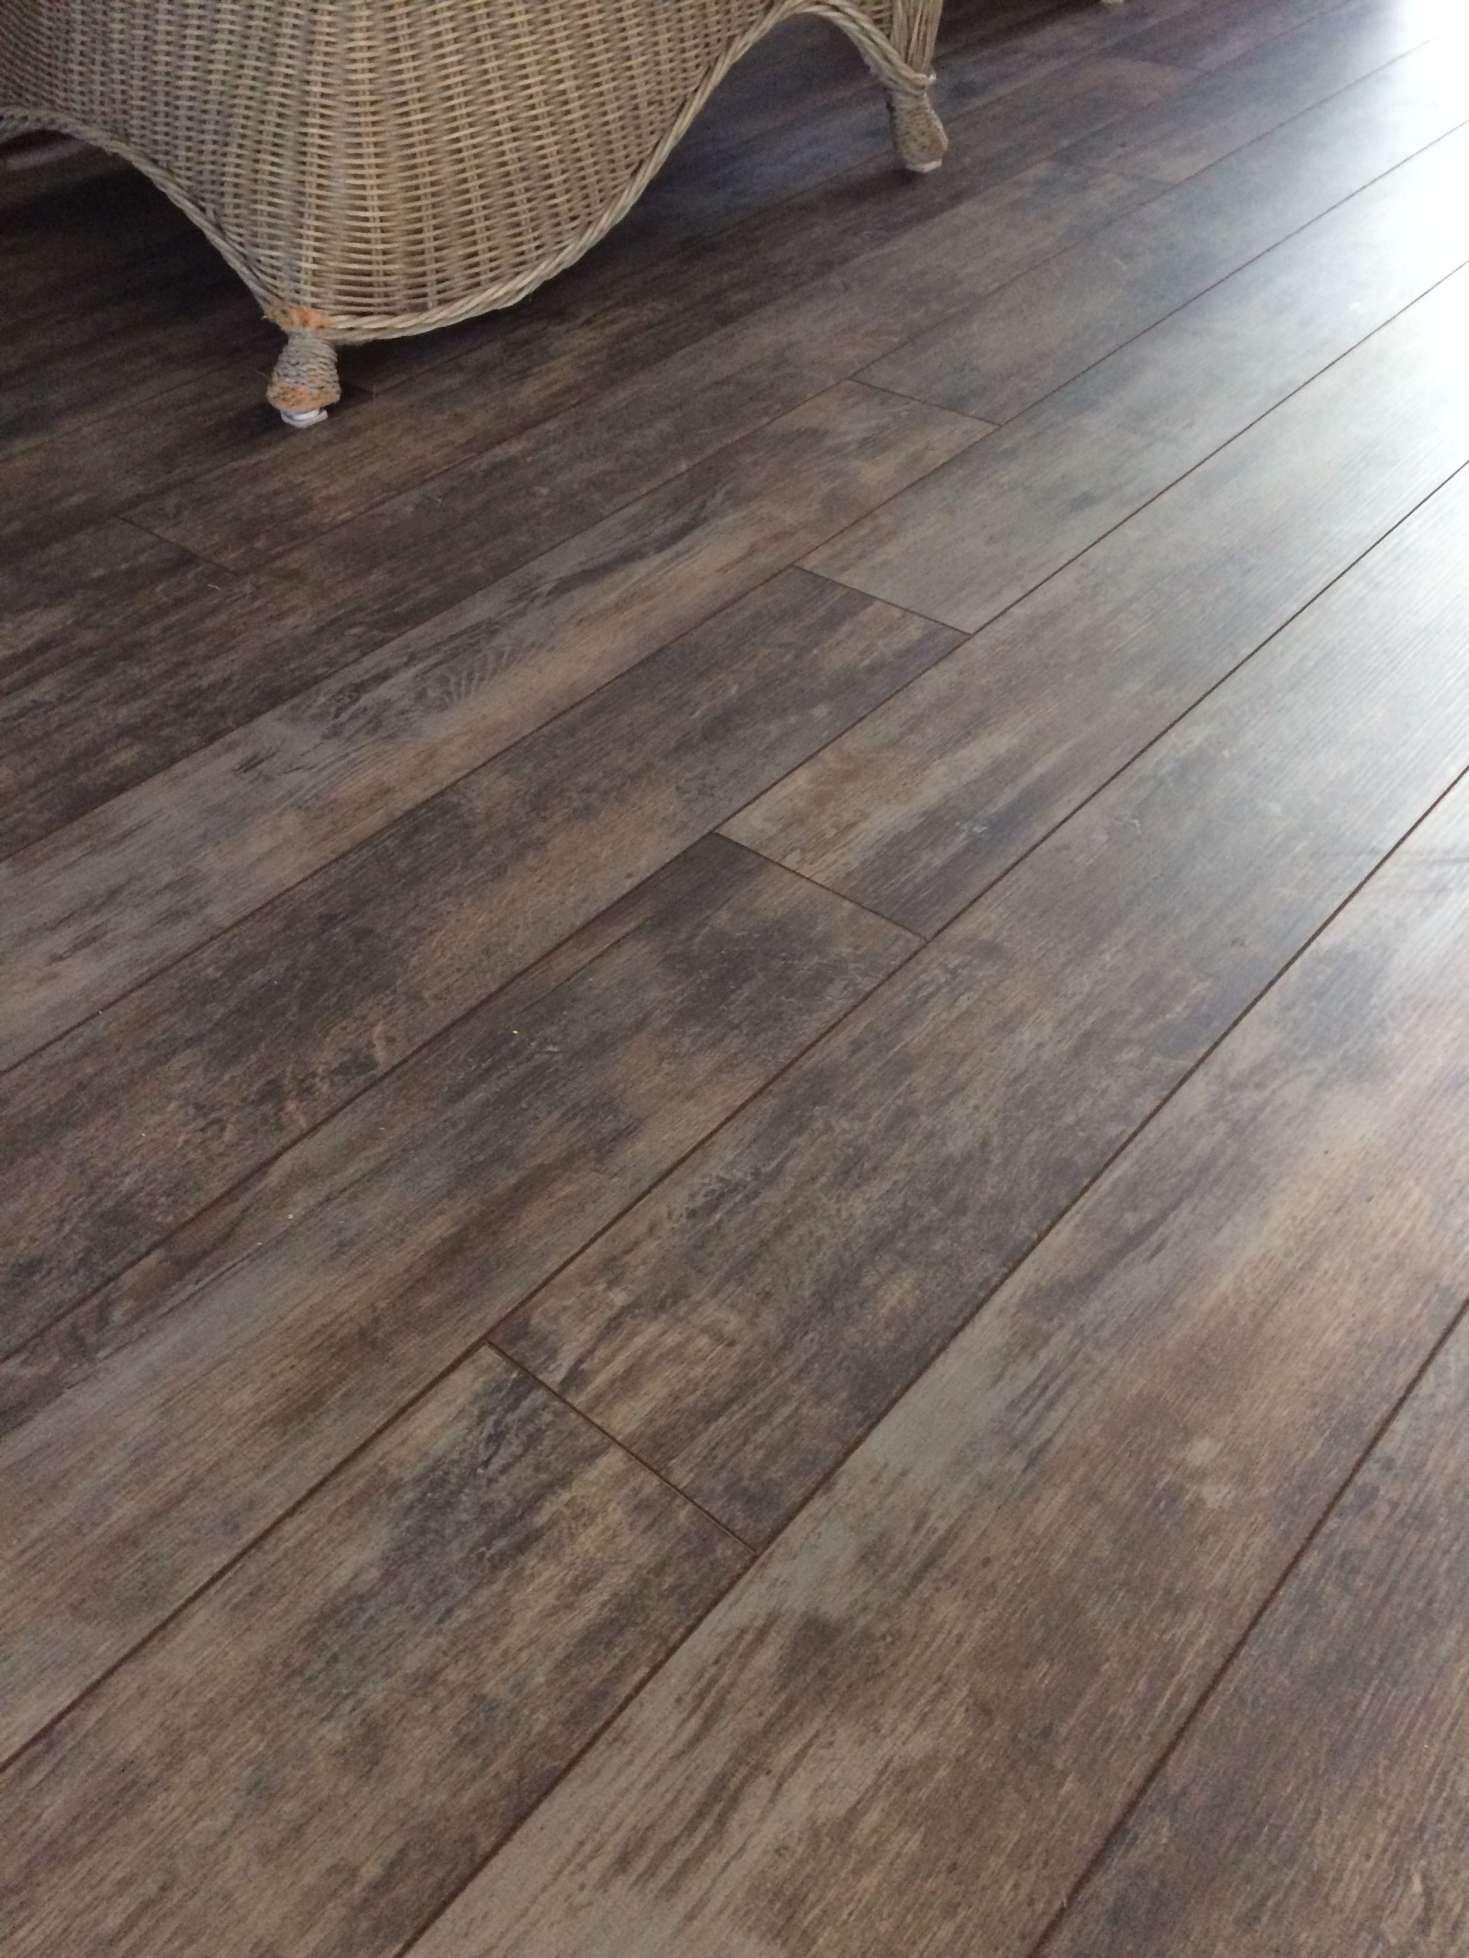 5+ Awesome Laminate Hardwood Flooring Lowes Photos  Hardwood